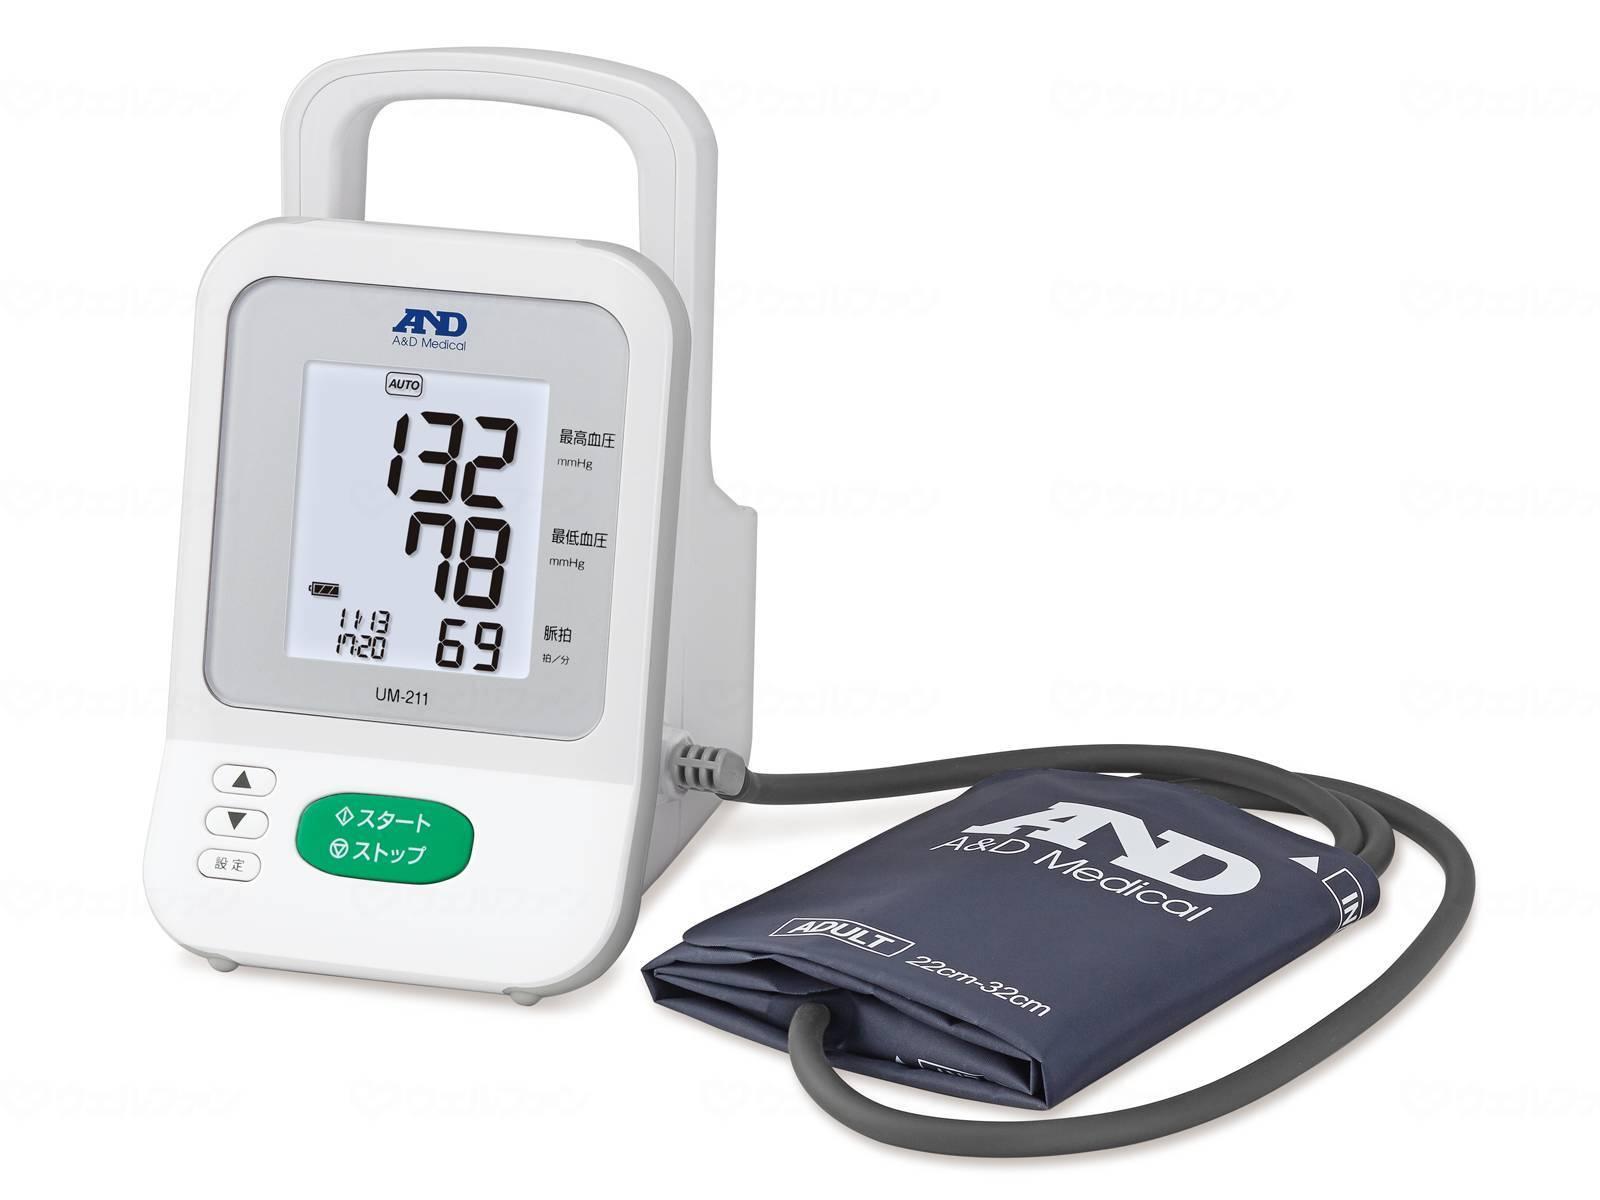 医用電子血圧計の画像